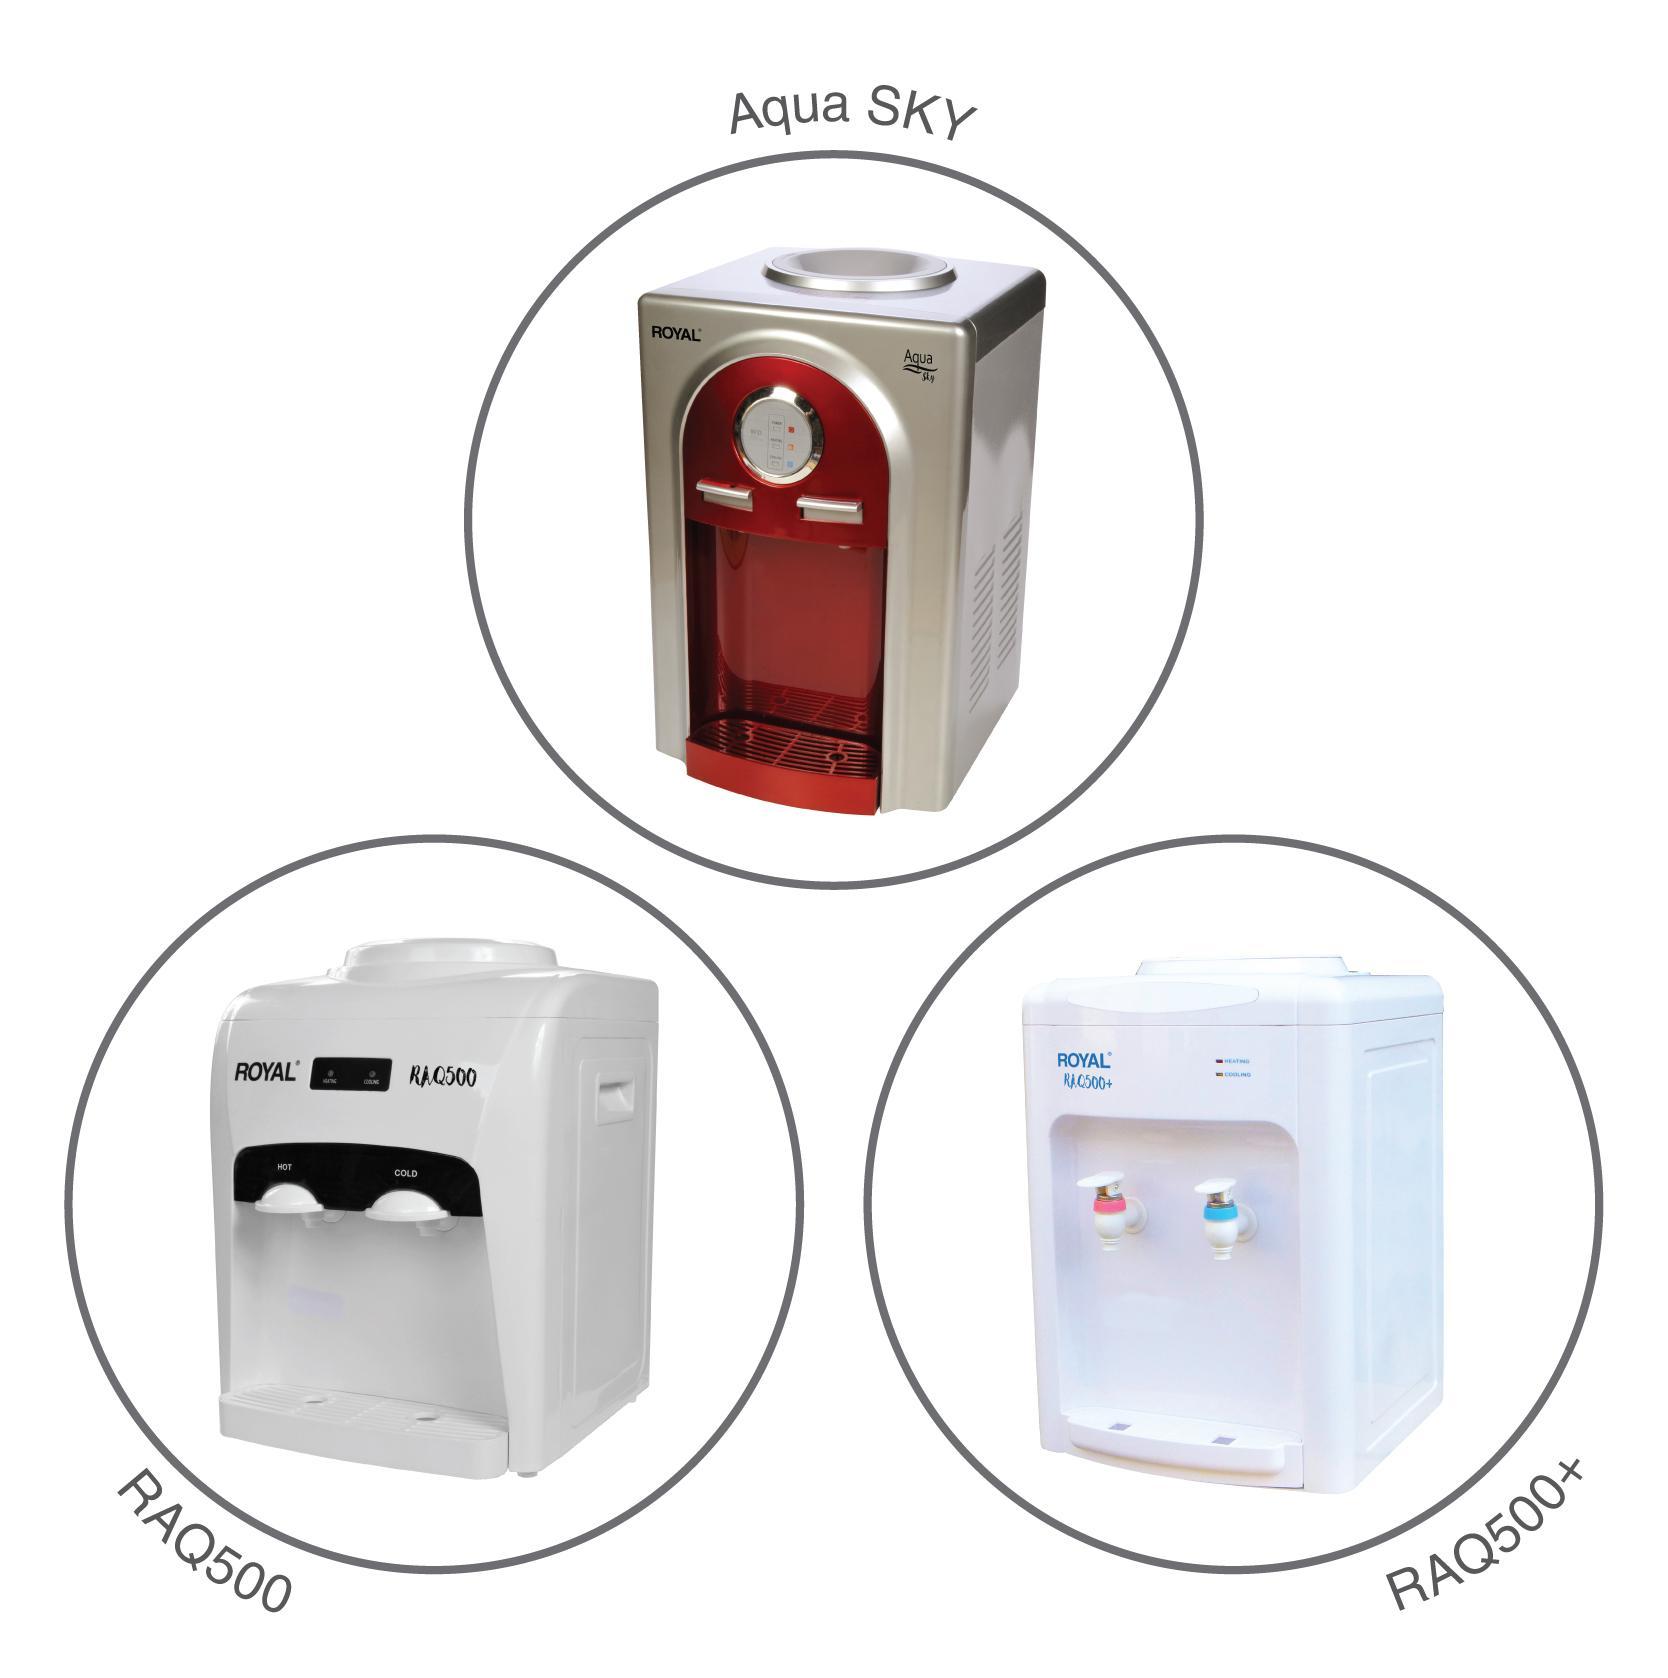 Royal raq 500 dispensador de agua de mesa agua fr a for Dispensador agua fria media markt